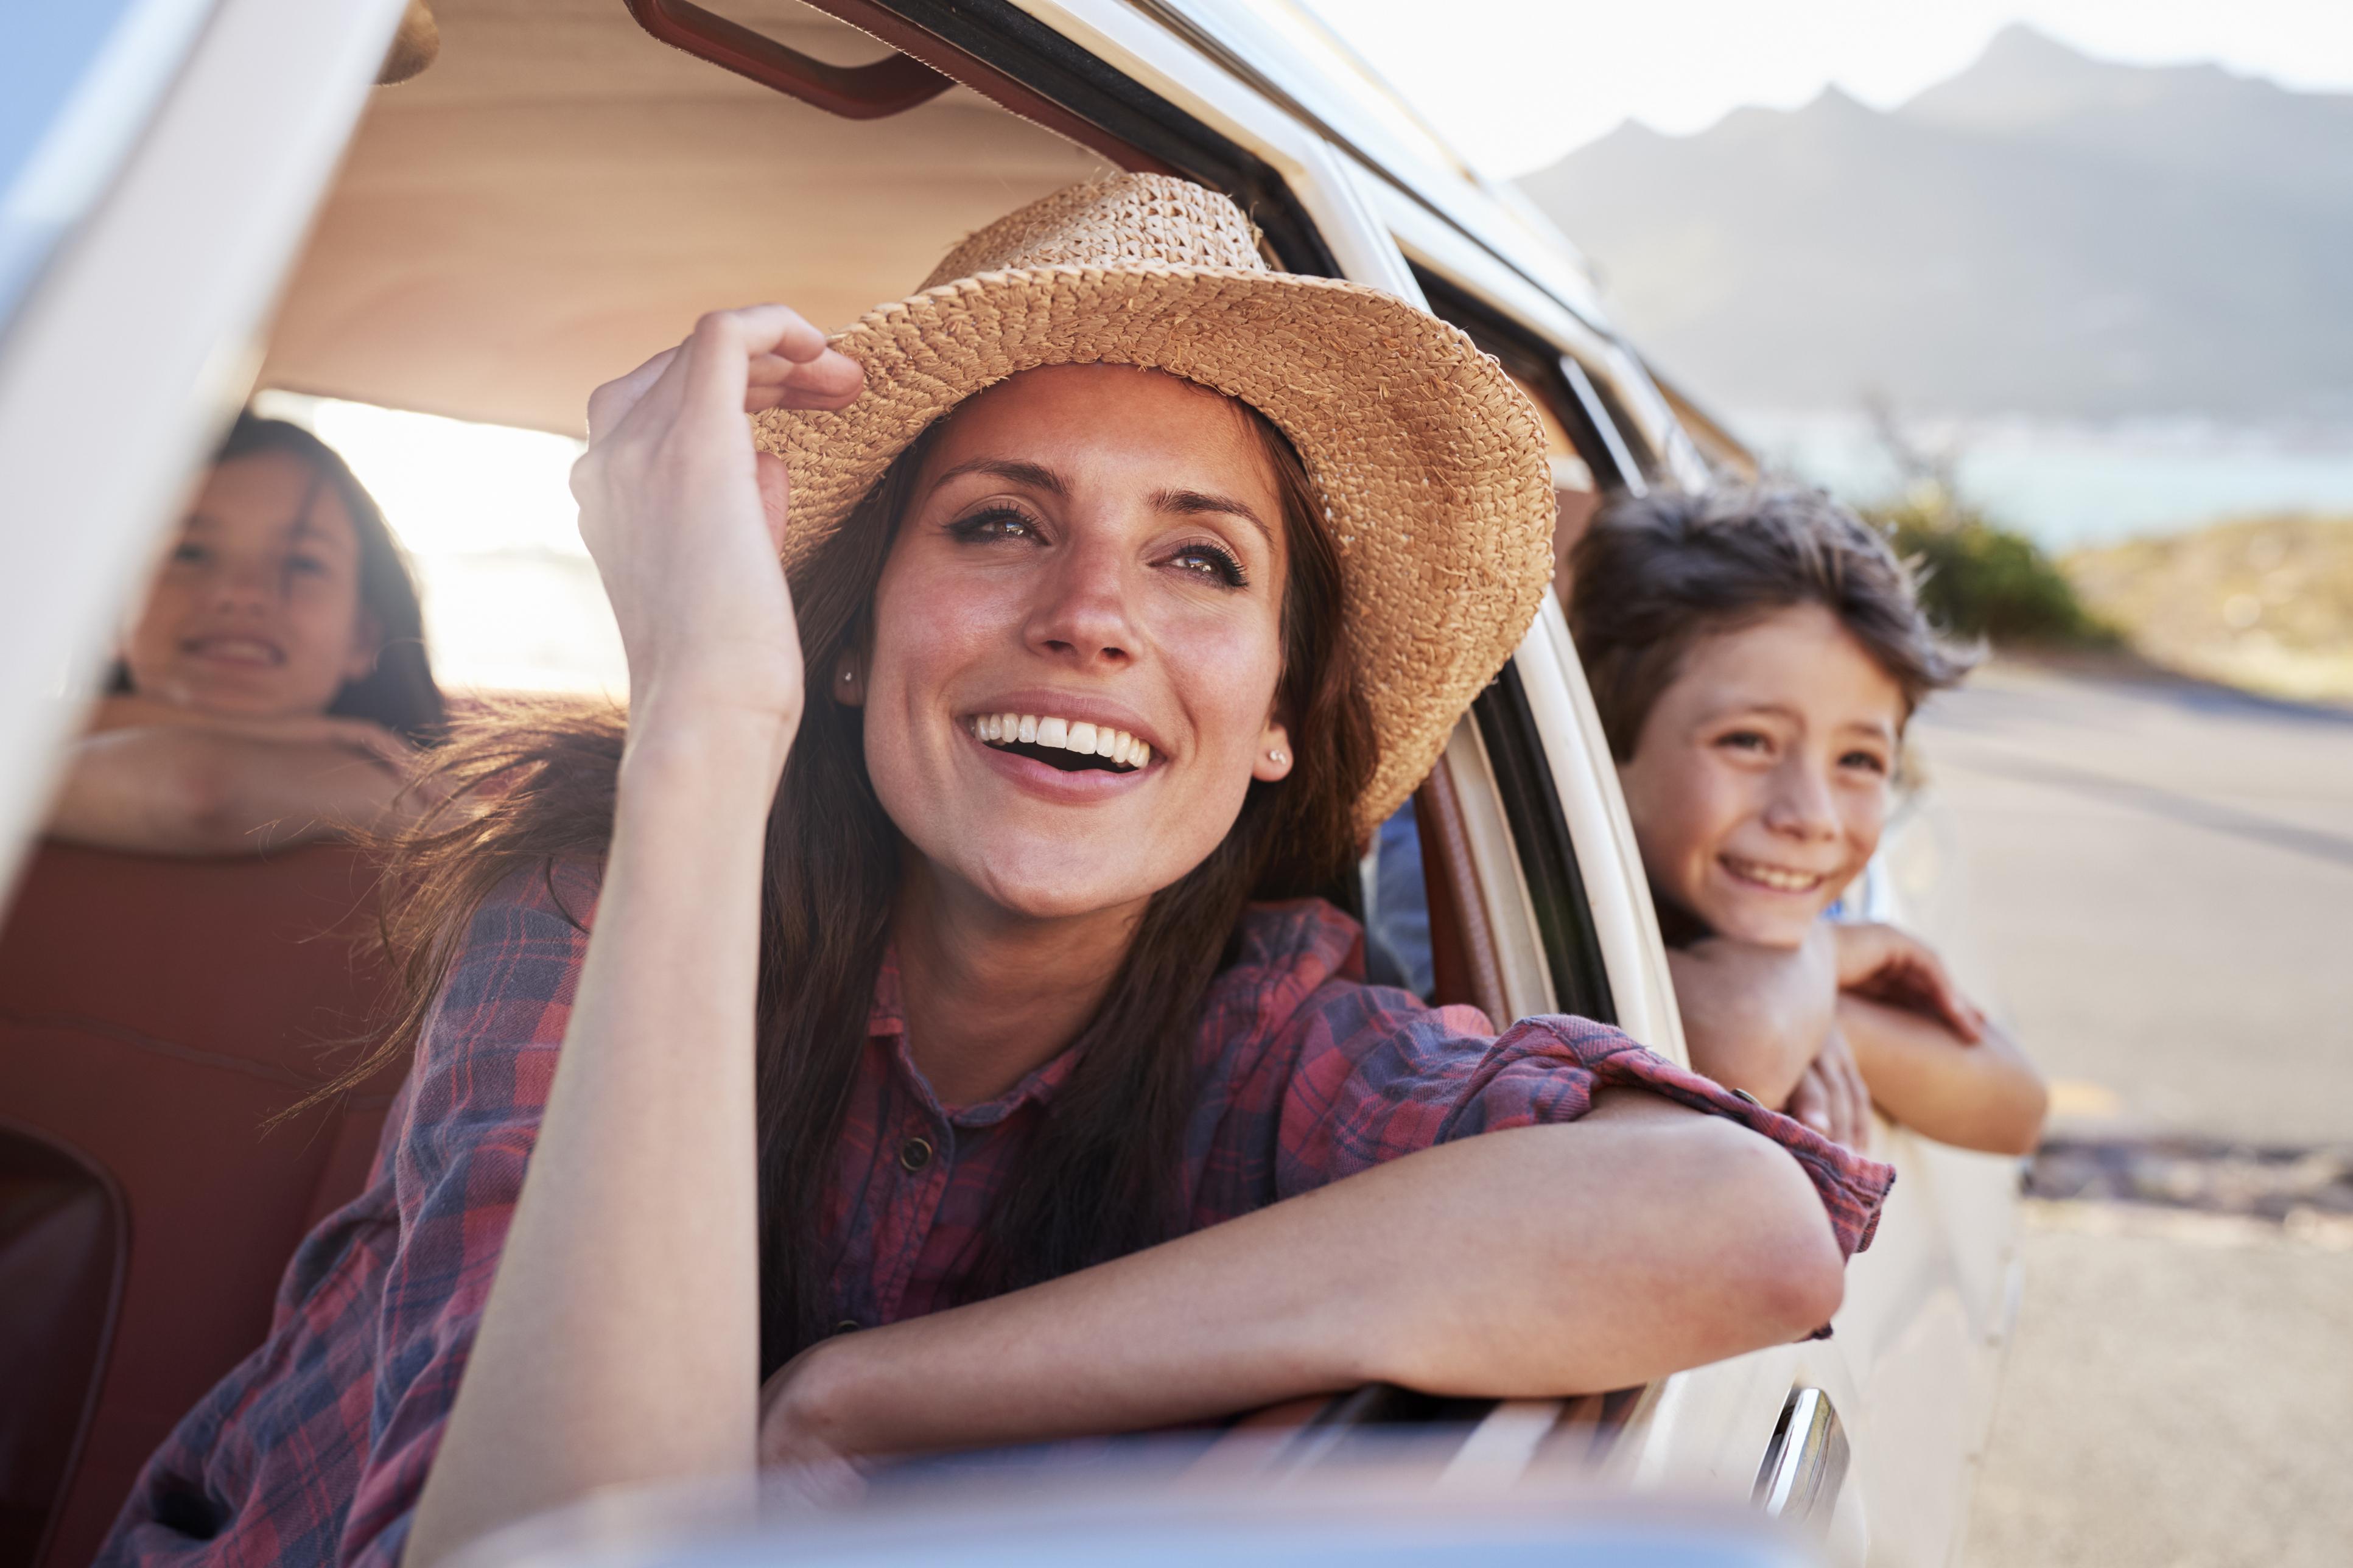 6 ідей для активних вихідних, які допоможуть вам стати здоровішими